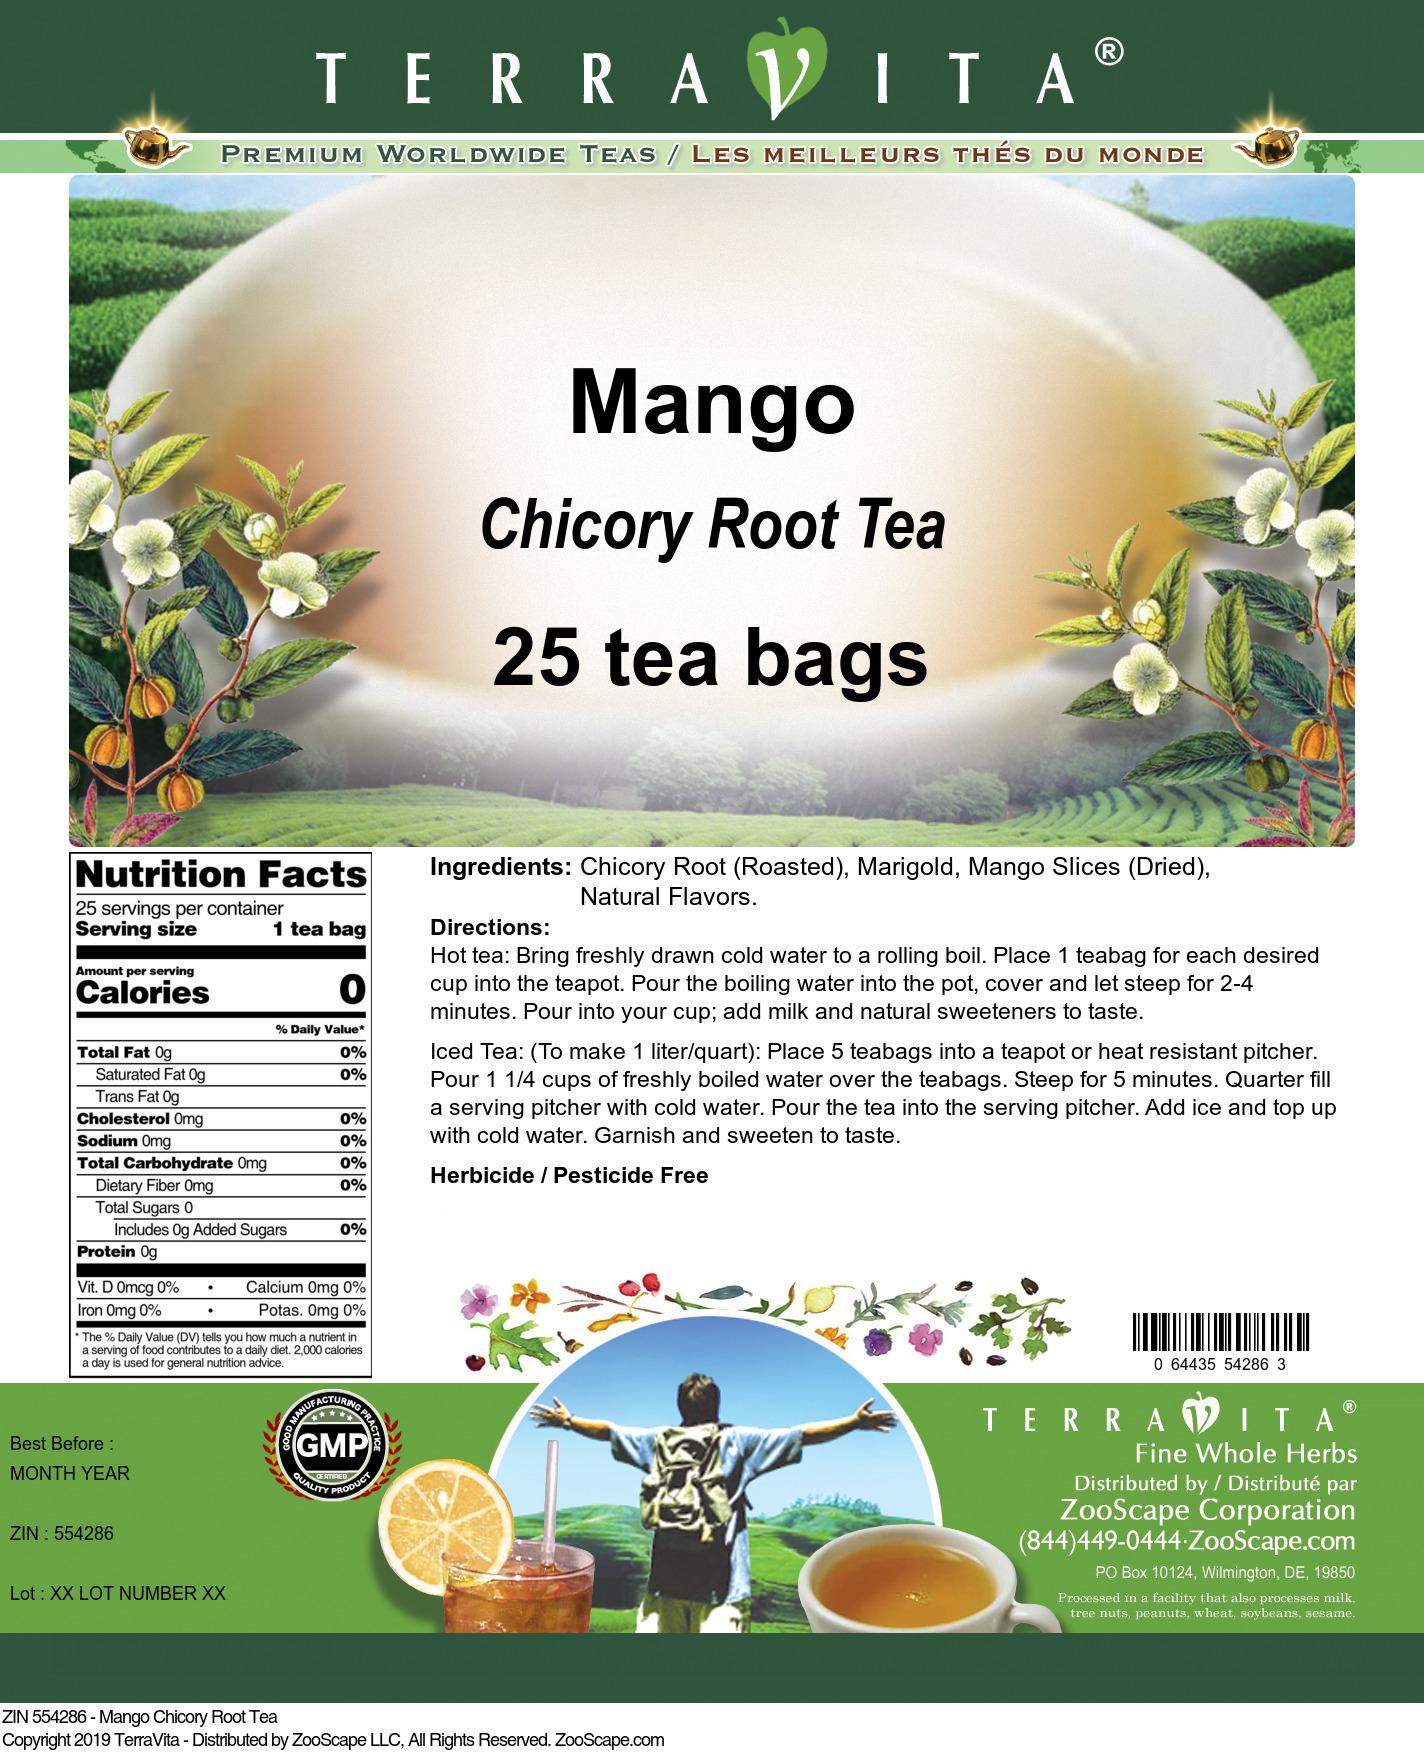 Mango Chicory Root